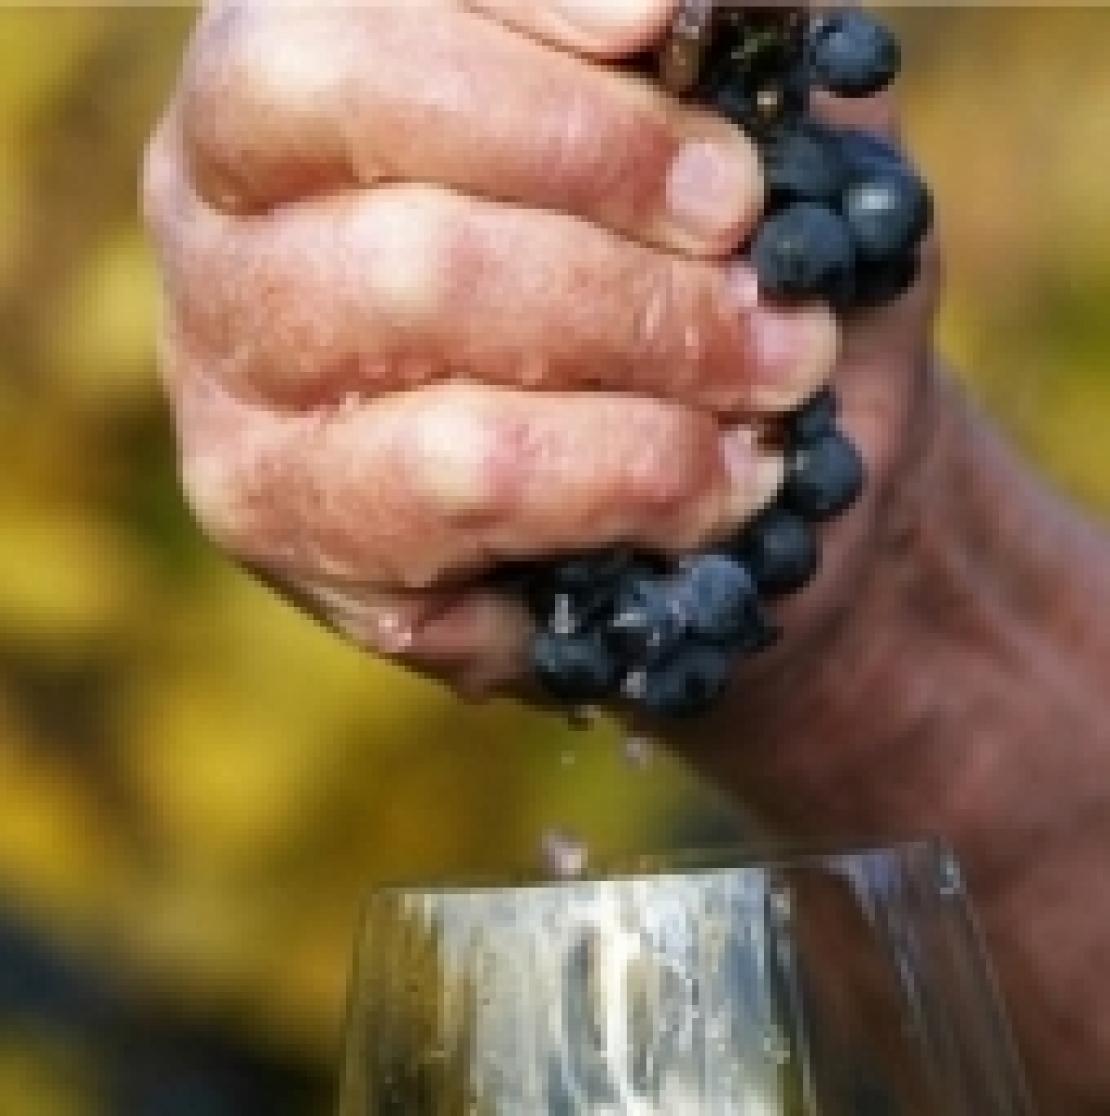 Vini naturali, non scienza ma filosofia produttiva